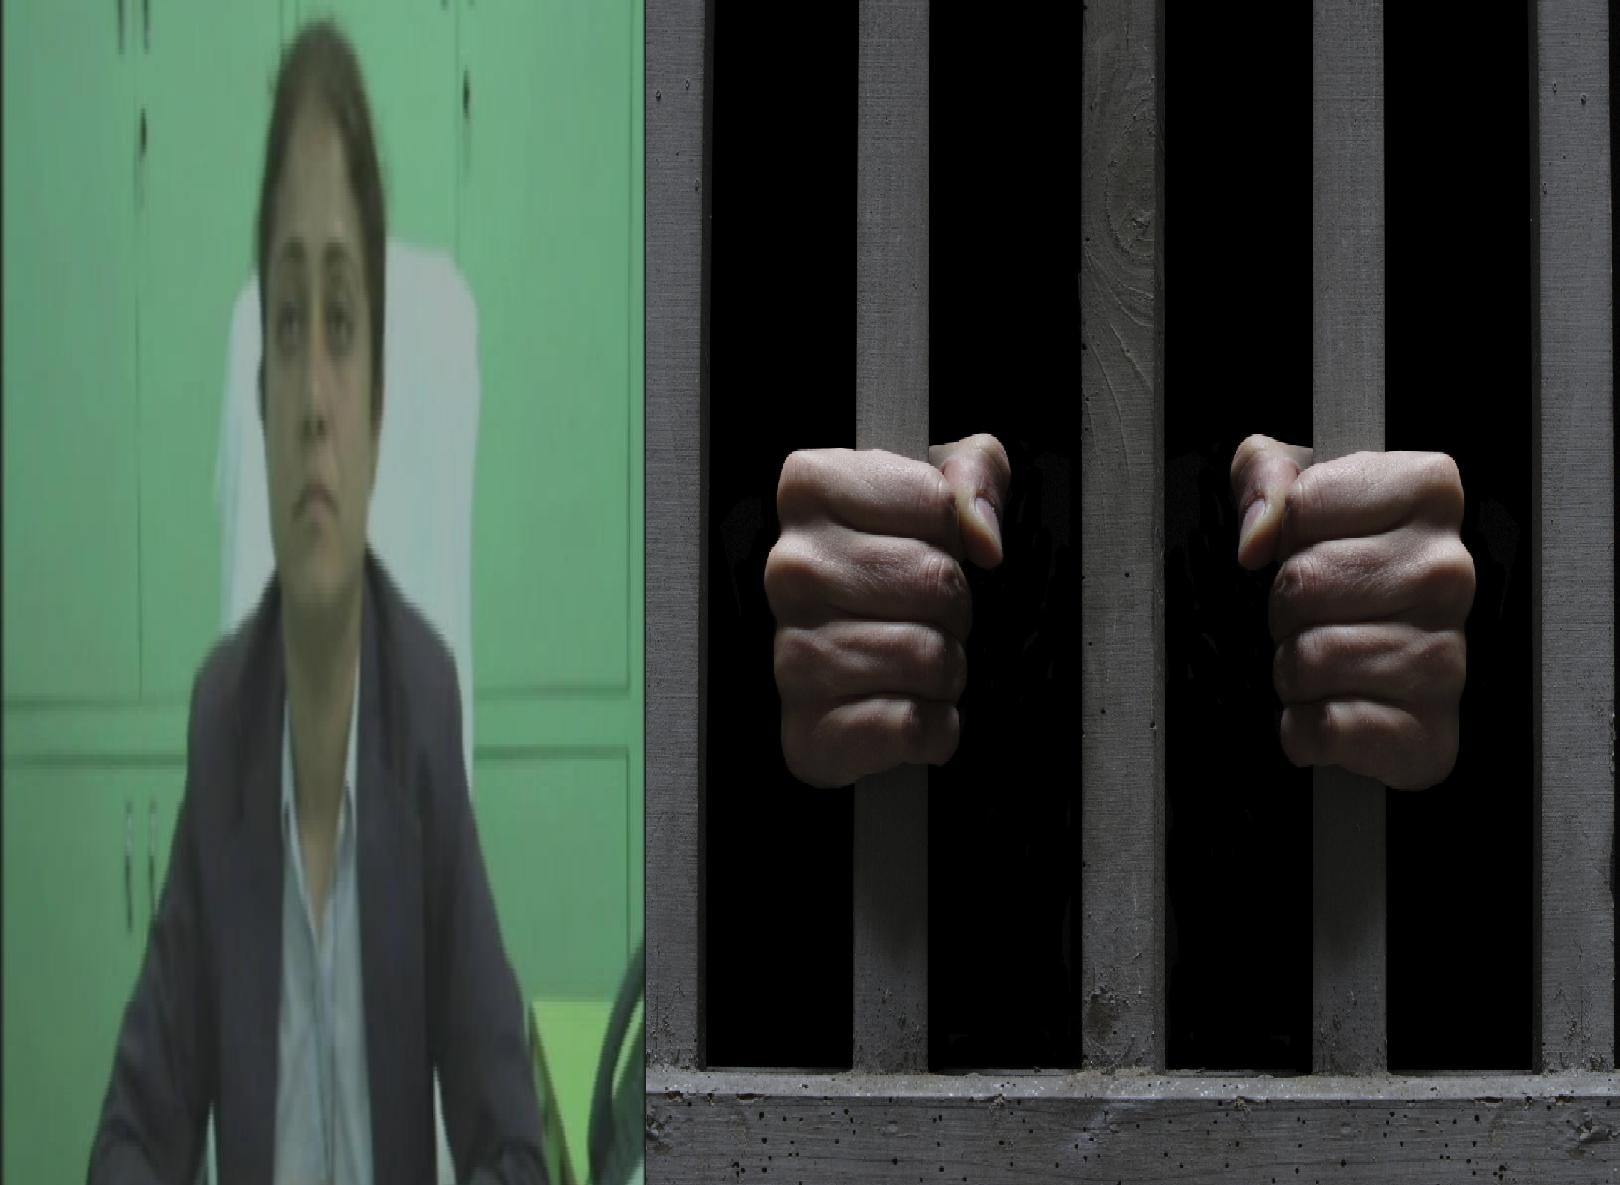 डेरा सच्चा सौदा : जवाब से संतुष्ट नहीं होने पर गिरफ्तार हो सकती है विपश्यना, 90 अकाउंट फ्रीज